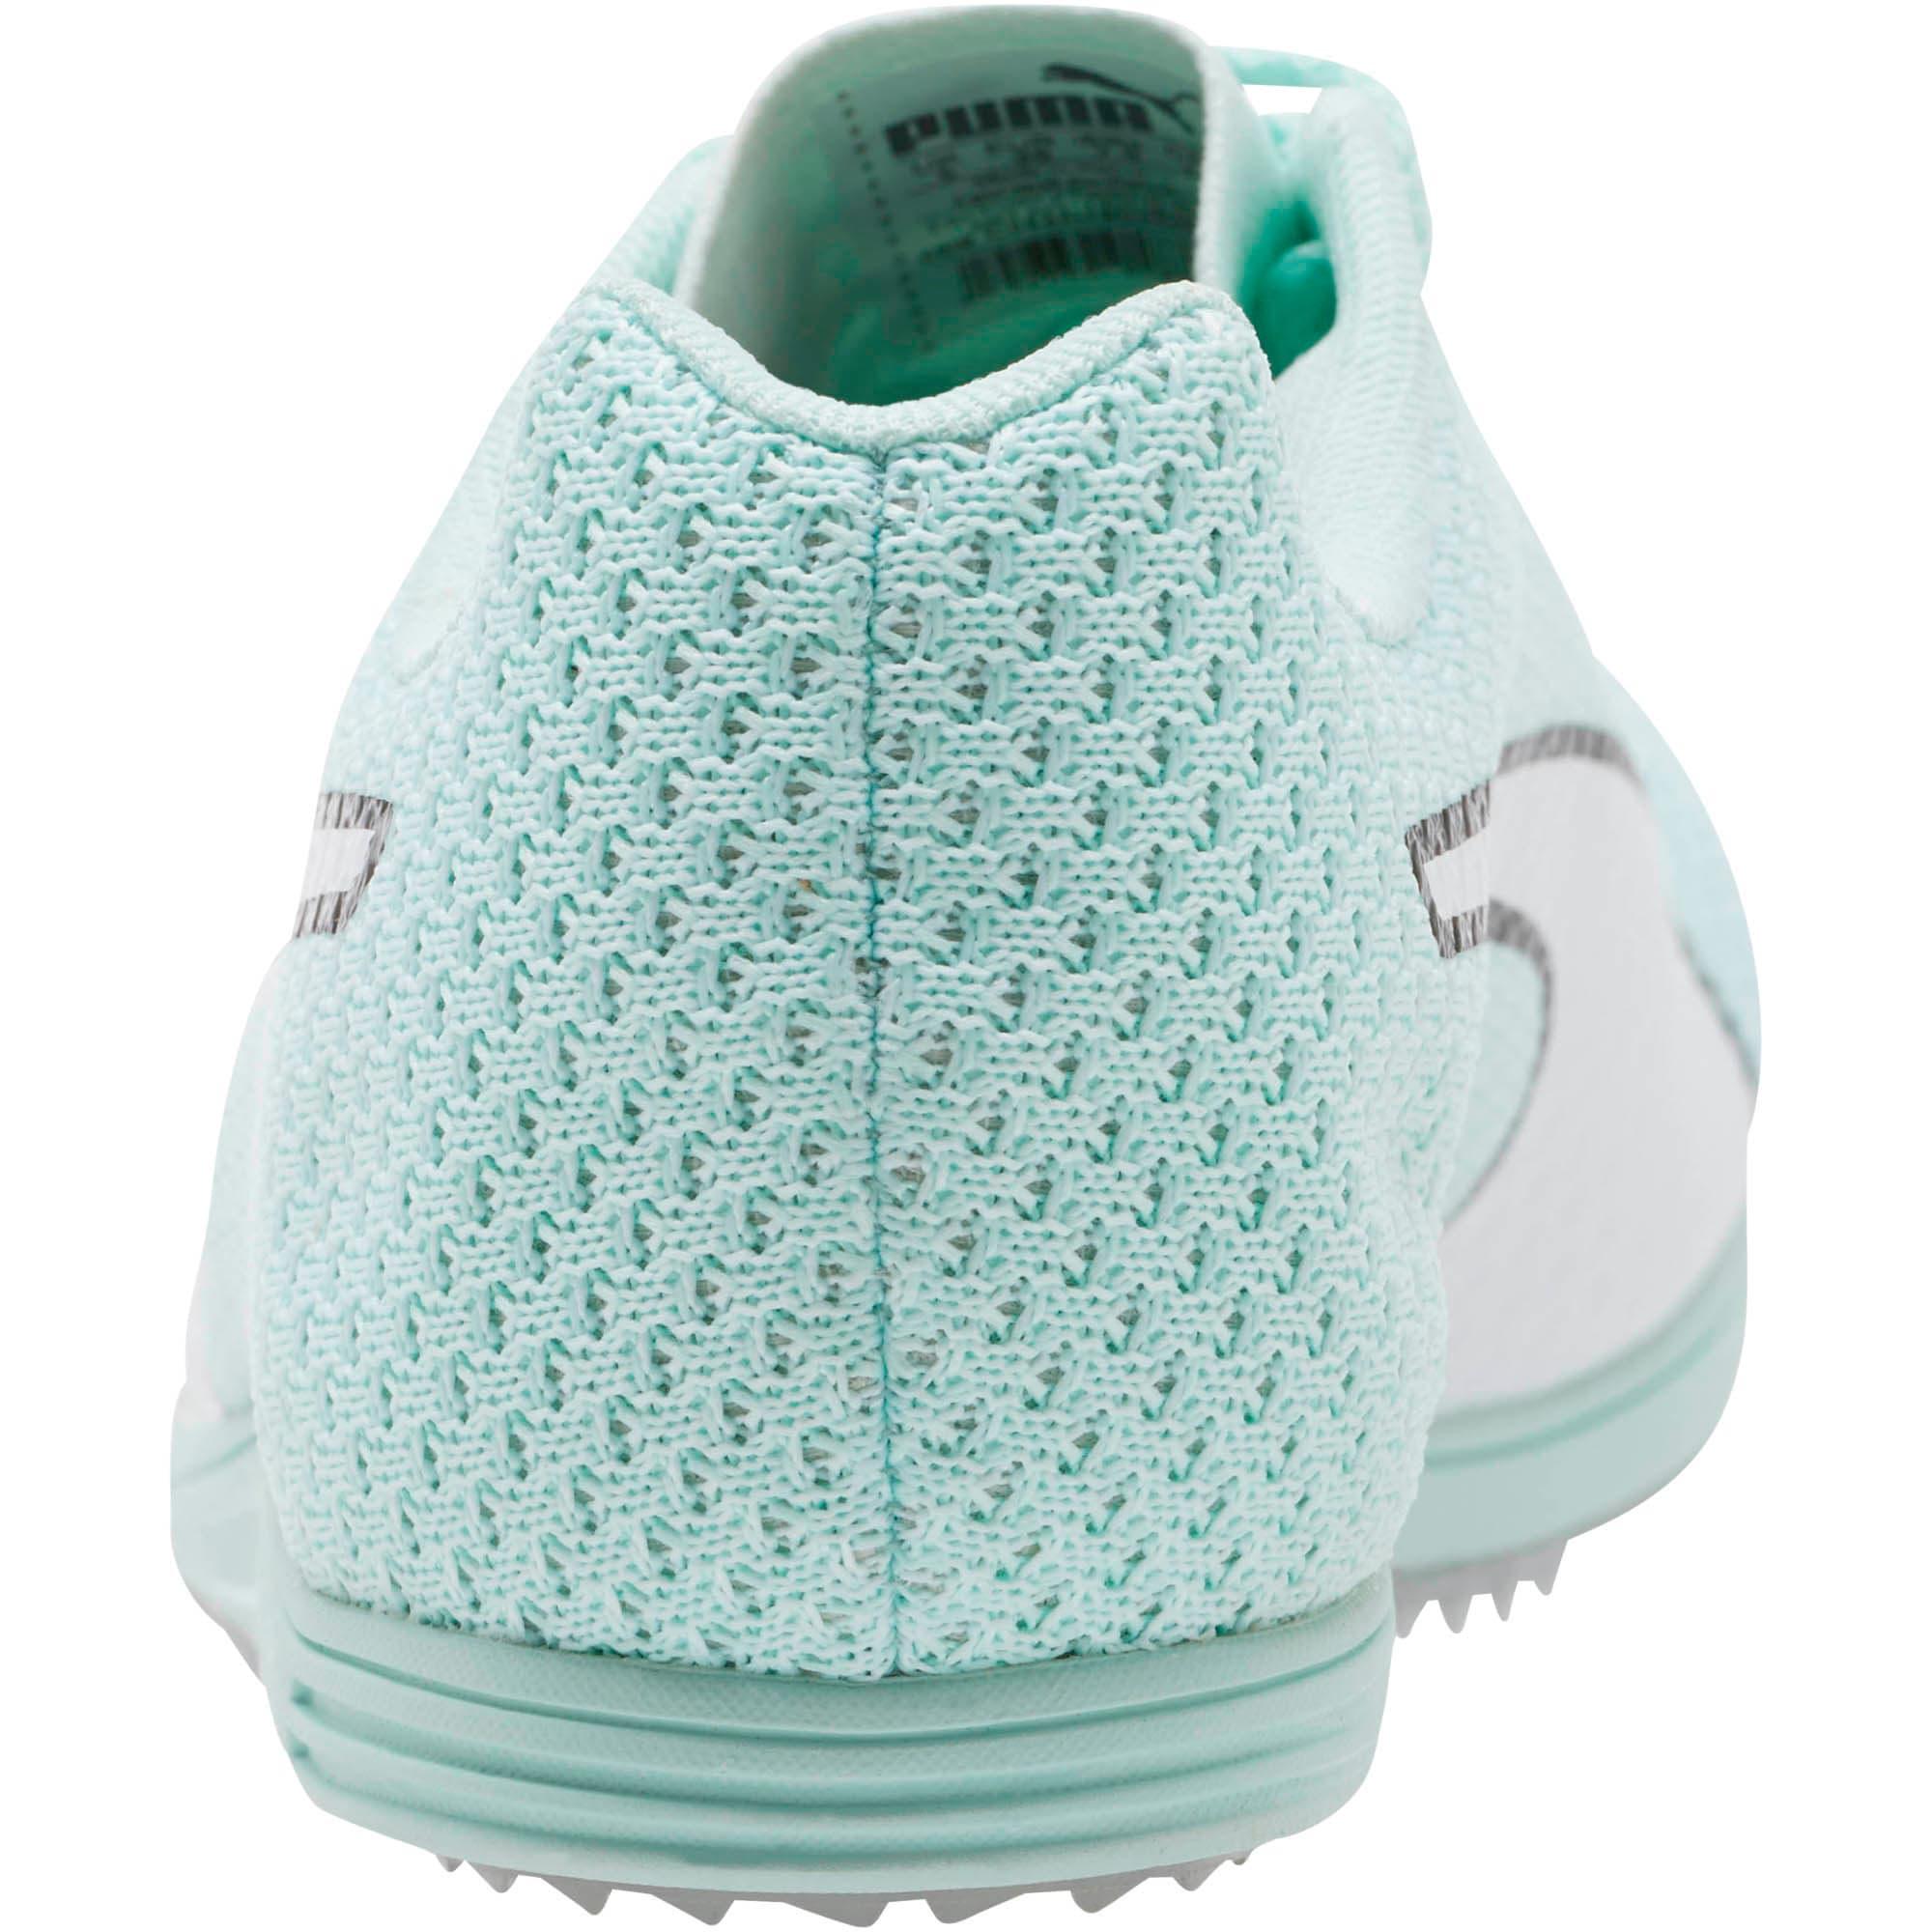 Thumbnail 3 of evoSPEED Distance 8 Women's Track Spikes, Fair Aqua-Puma White, medium